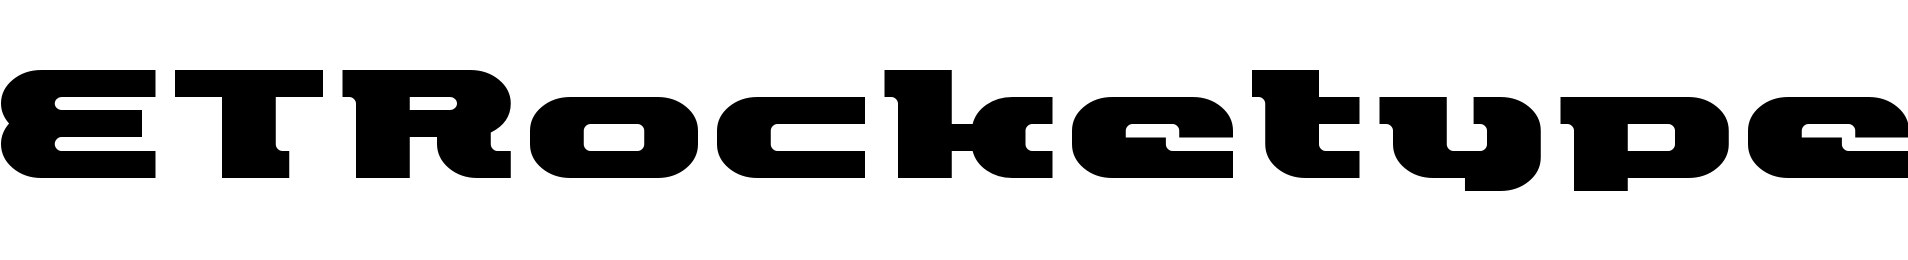 ETRocketype